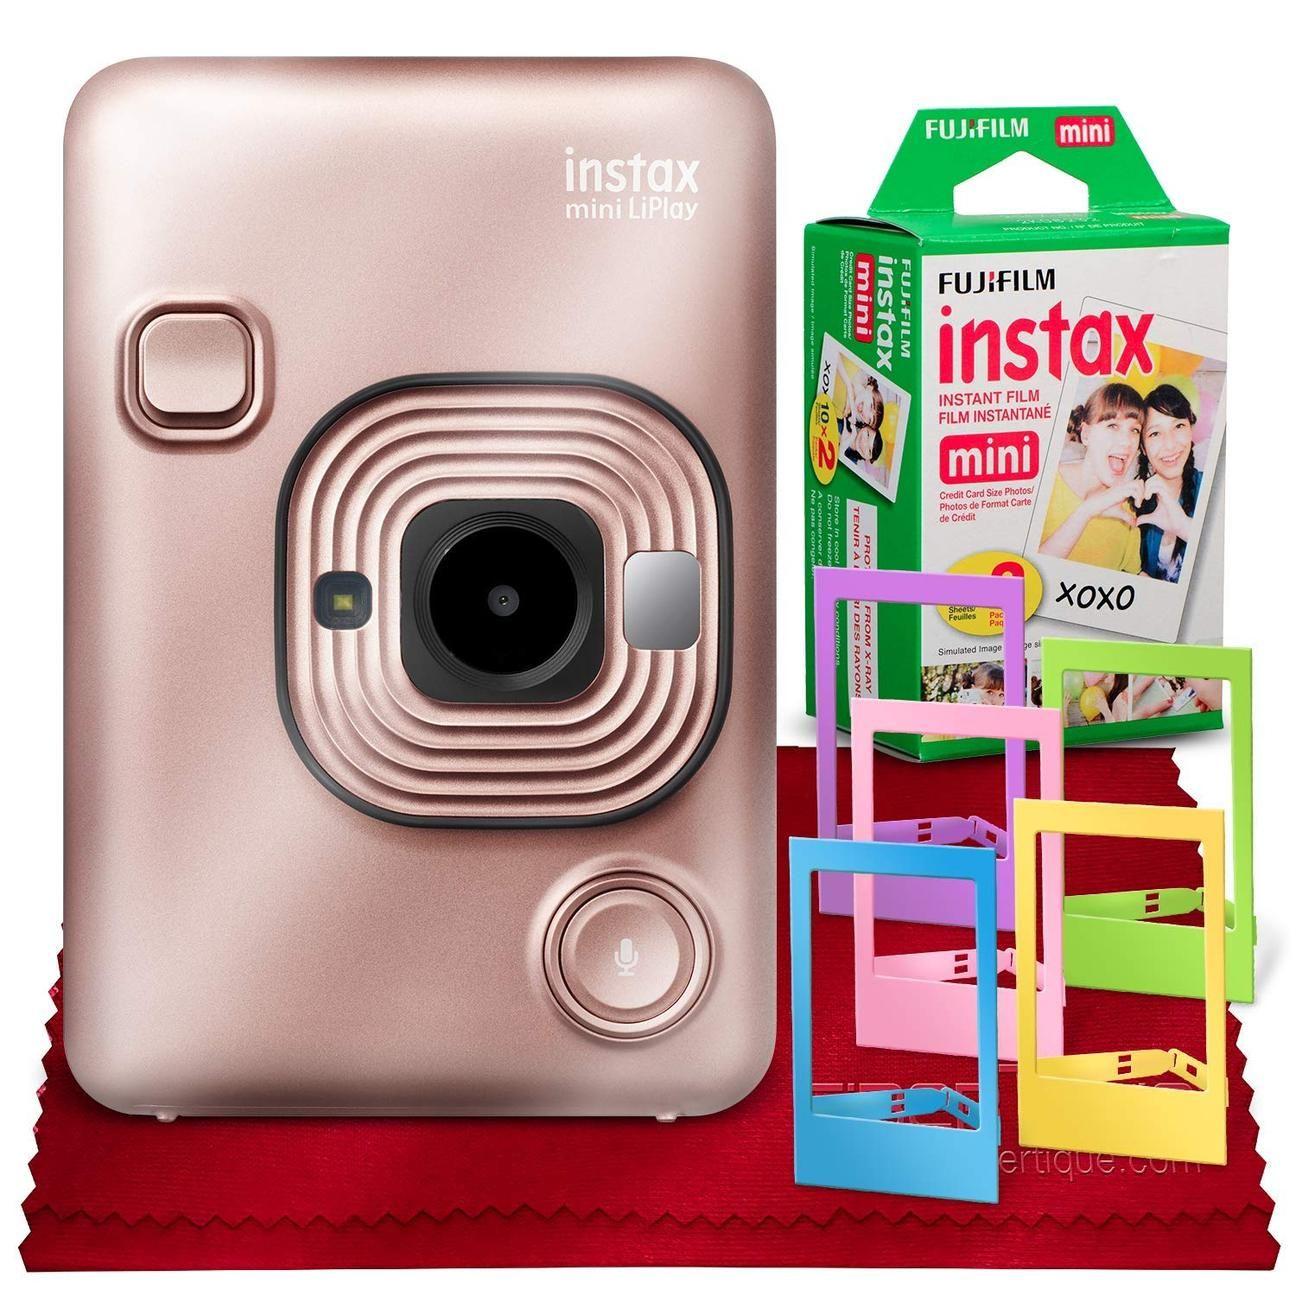 Fujifilm INSTAX Hybrid Mini LIPLAY (Blush Gold) + Fujifilm